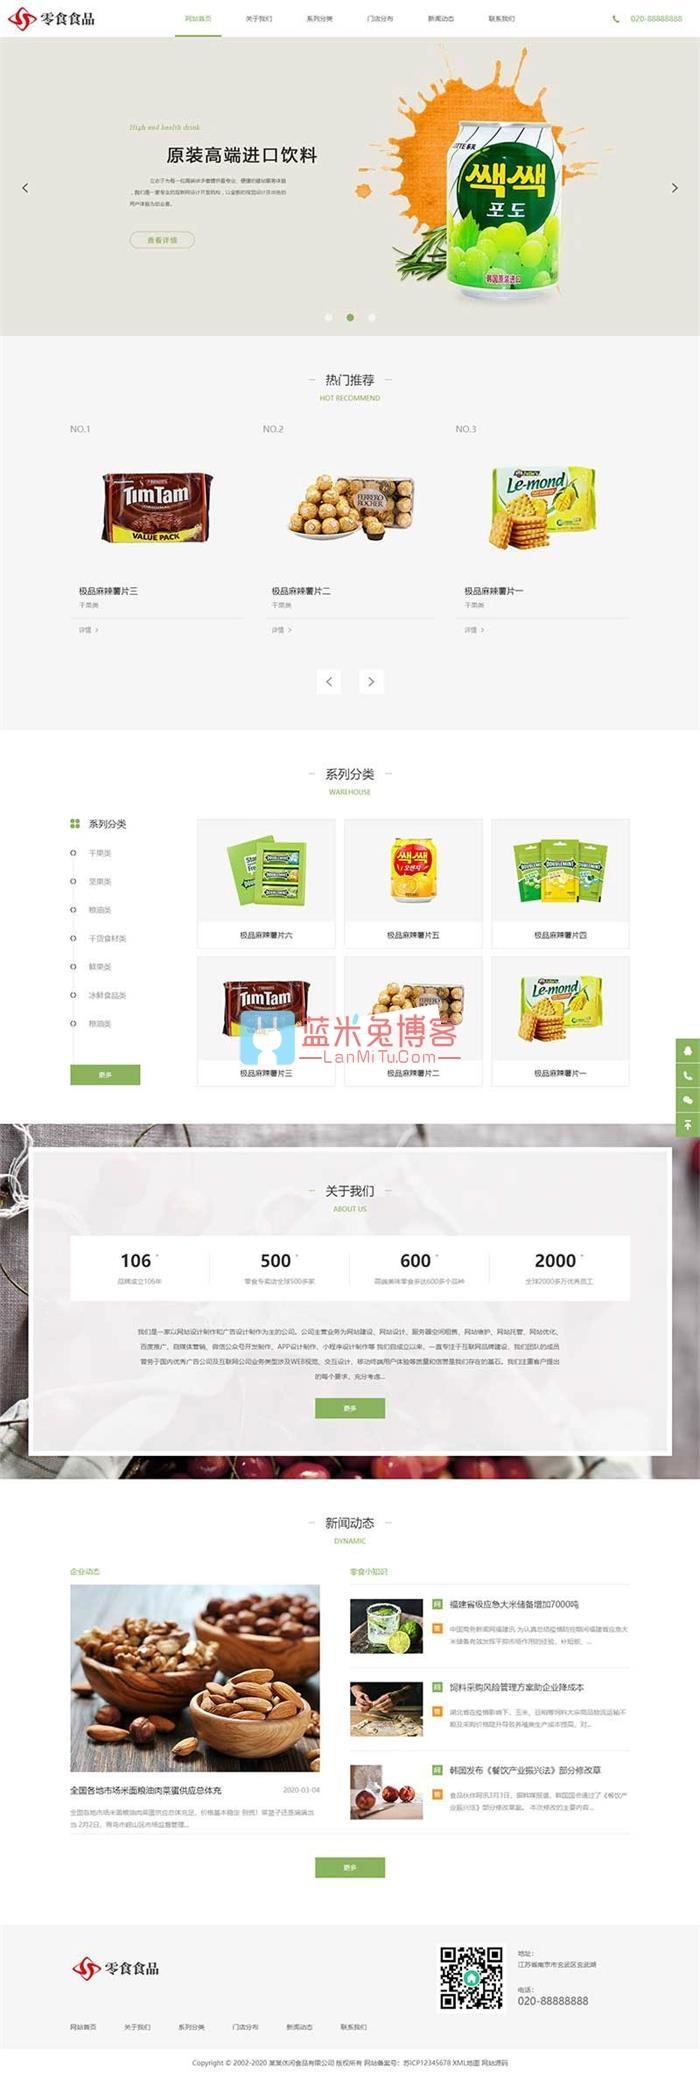 响应式日化食品零食连锁加盟店网站模板(自适应手机移动端) 织梦dedecms  模板插件